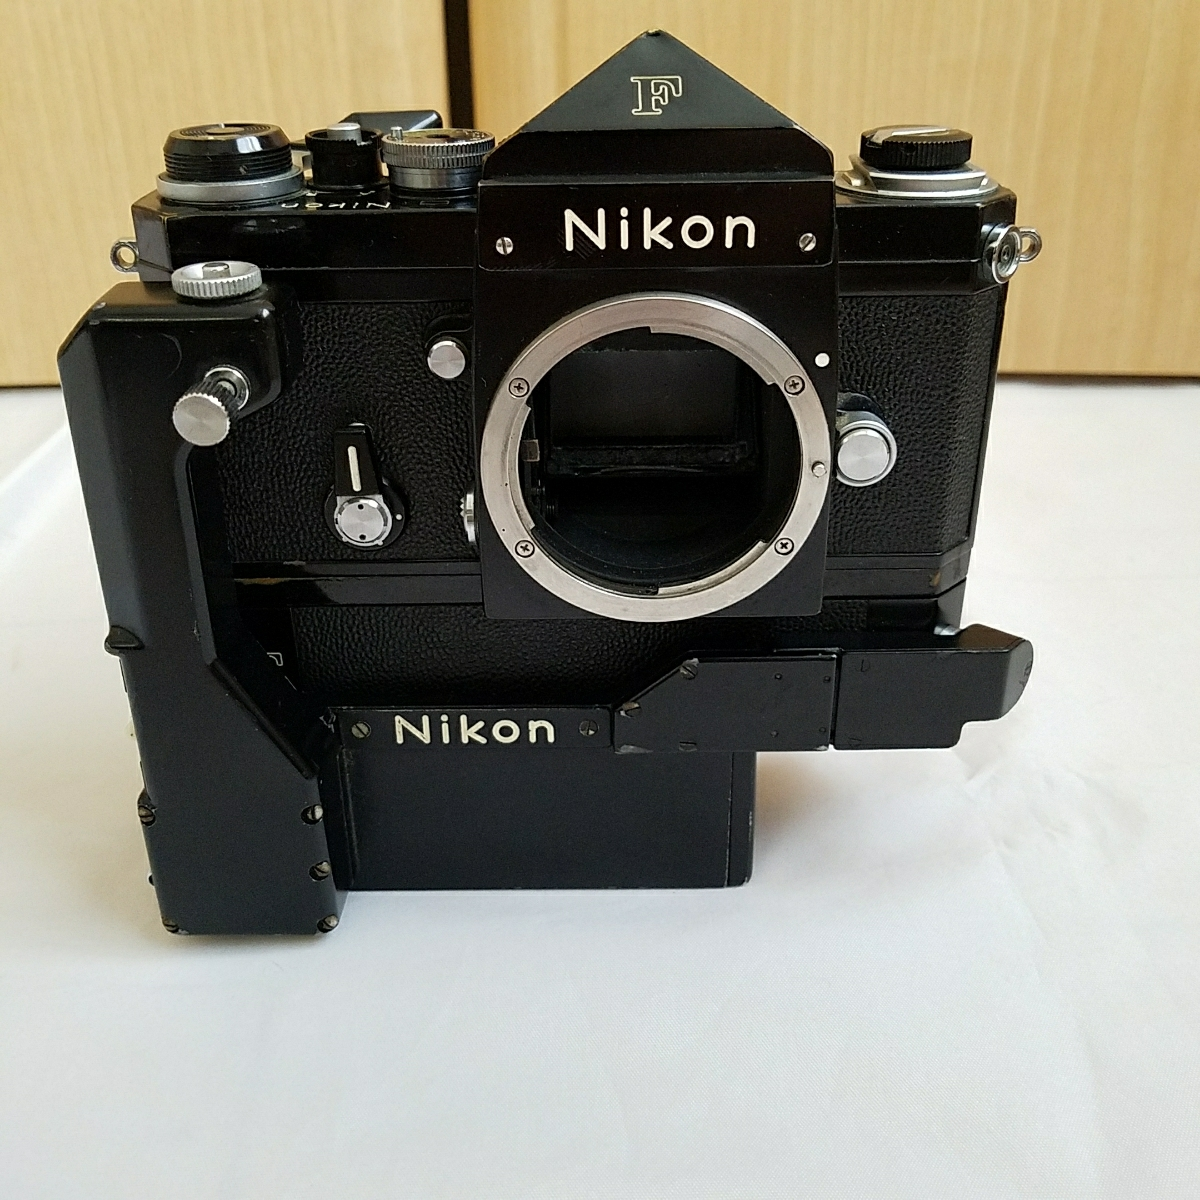 ニコン Nikon F アイレベル F36 MOTOR DRIVE フィルムカメラ